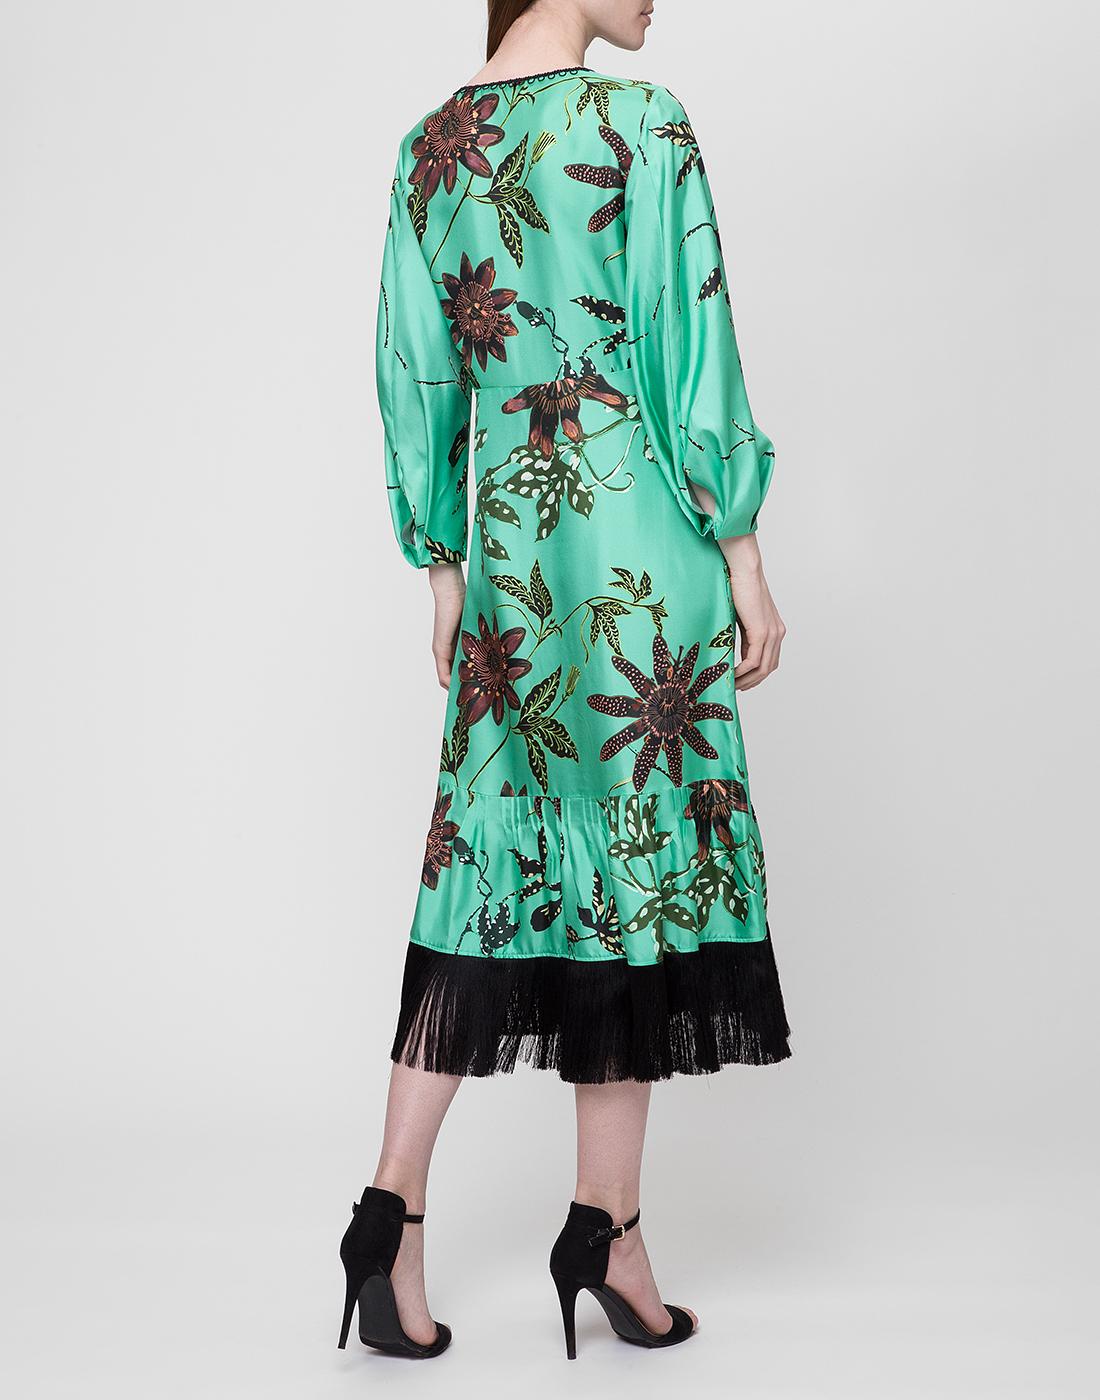 Женское шелковое платье с узором Dorothee Schumacher S749602/059-4